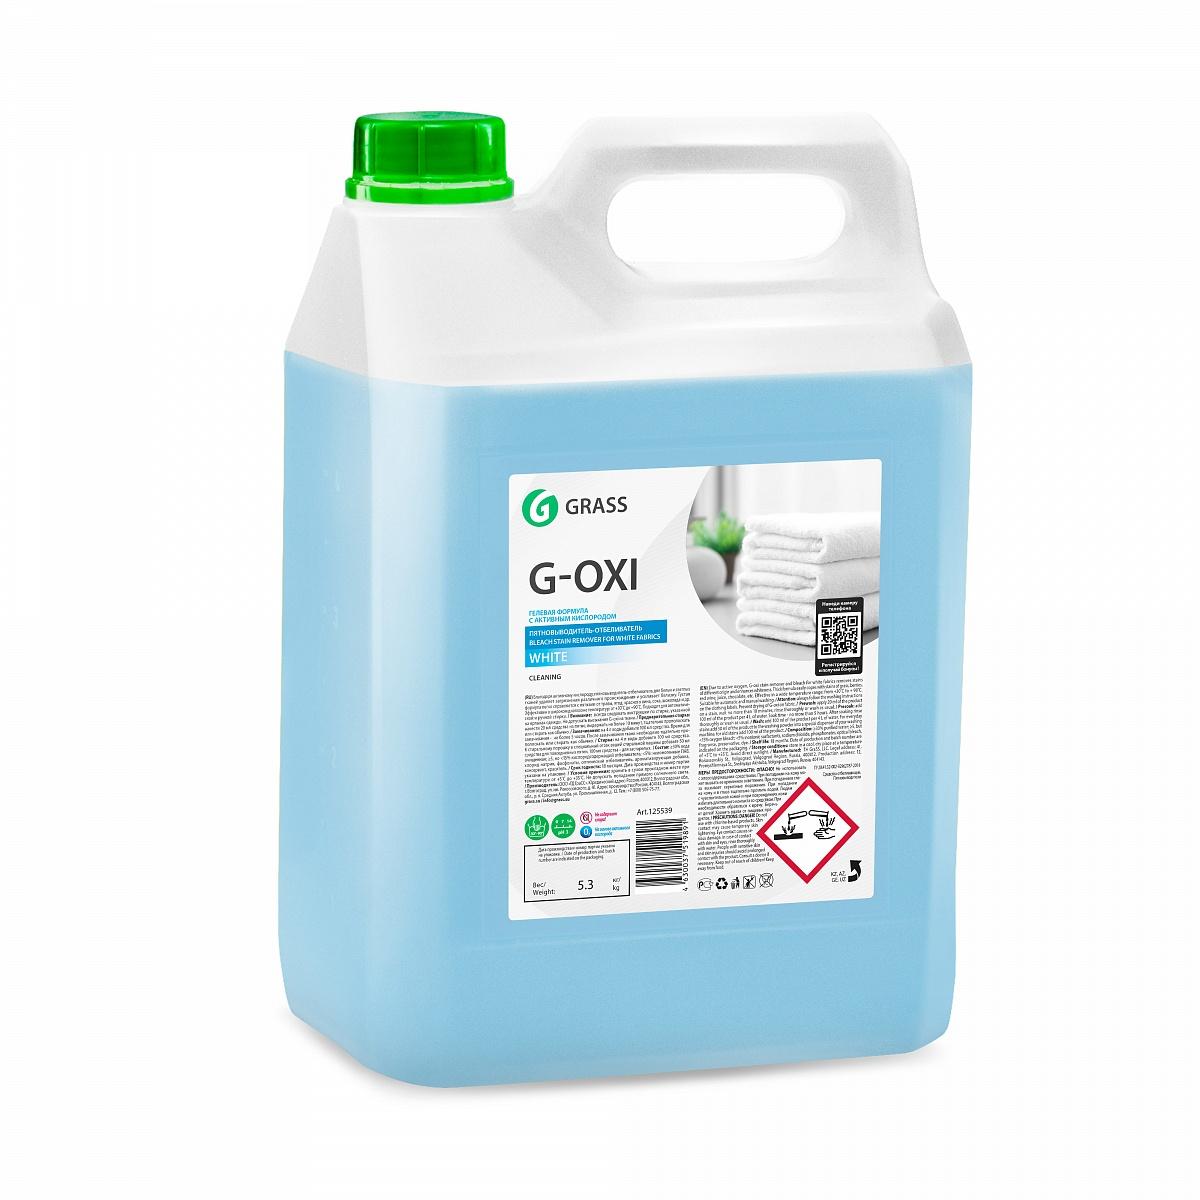 """Засіб для видалення плям GRASS """"G-oxi"""" (для білих речей) каністра 5,3 кг 125539"""